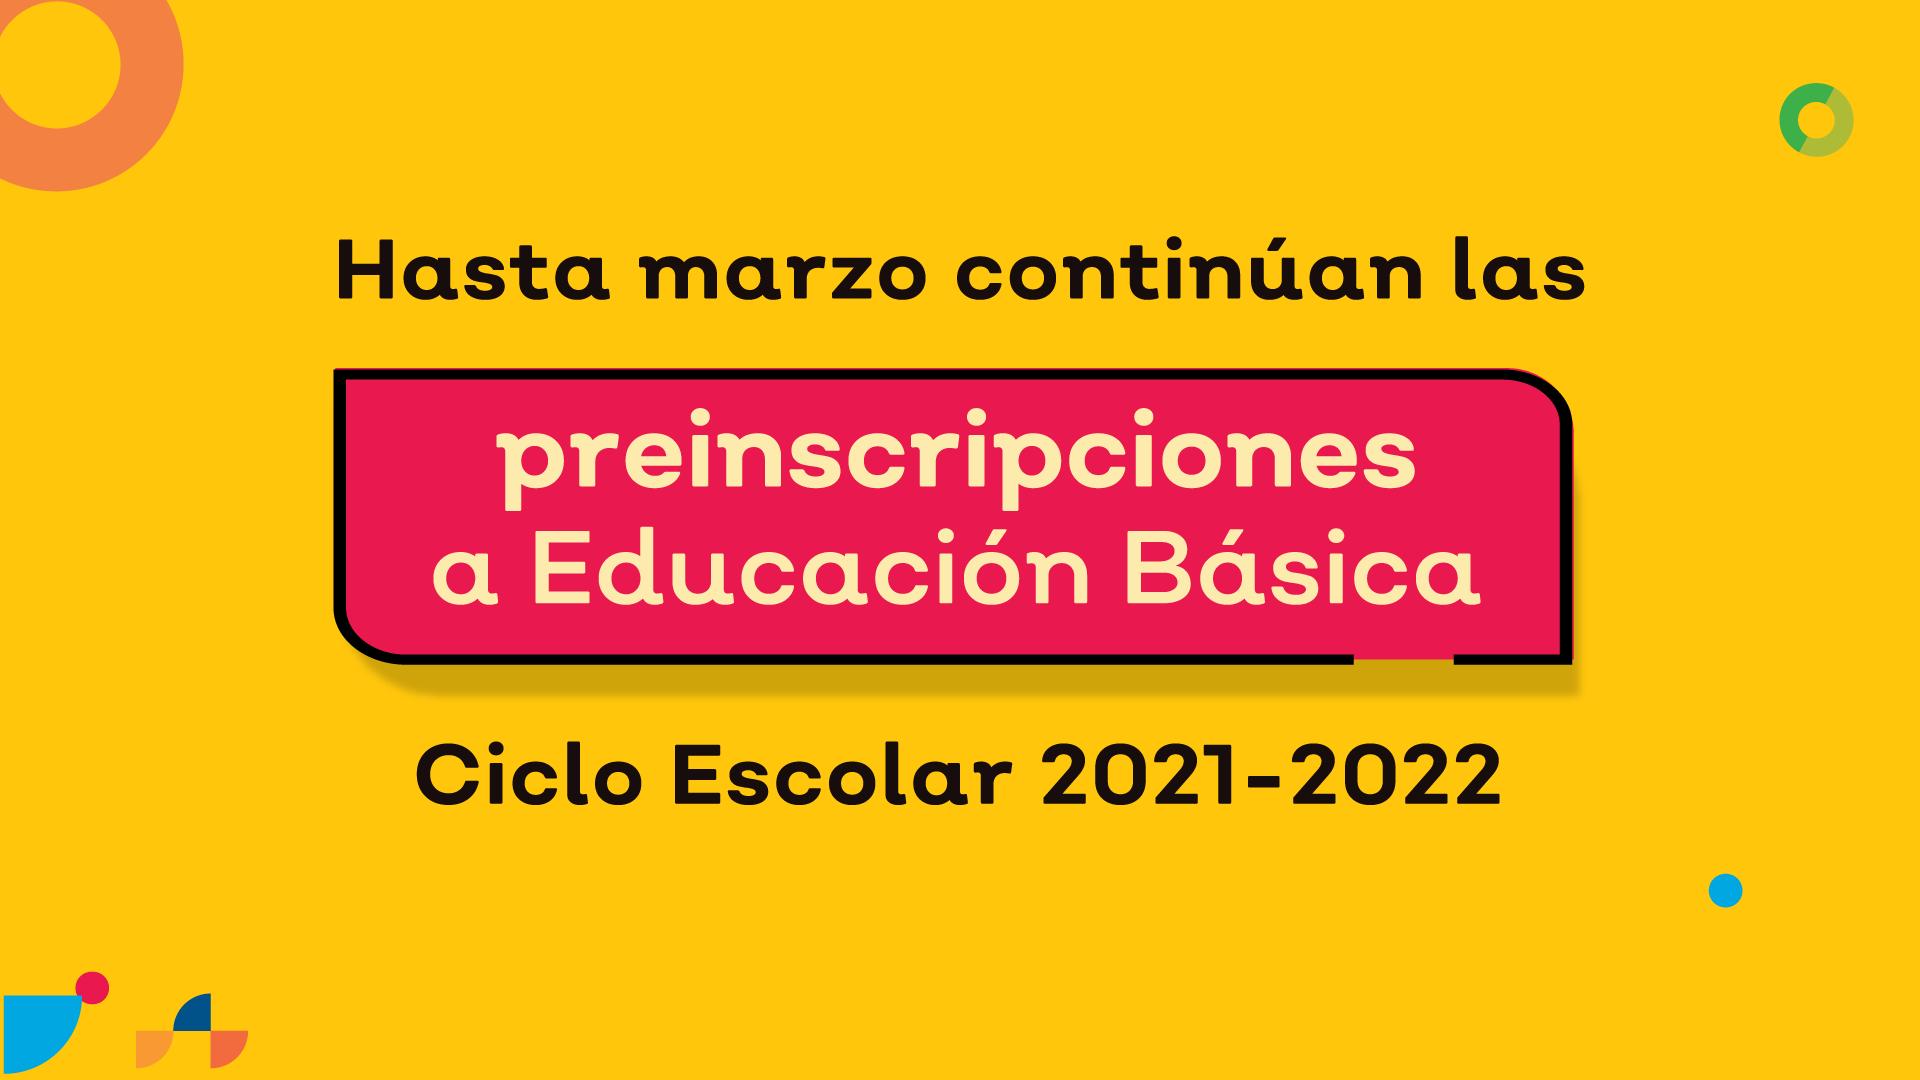 Se amplía hasta marzo  el periodo de preinscripciones a Educación Básica para el Ciclo escolar 2021-2022